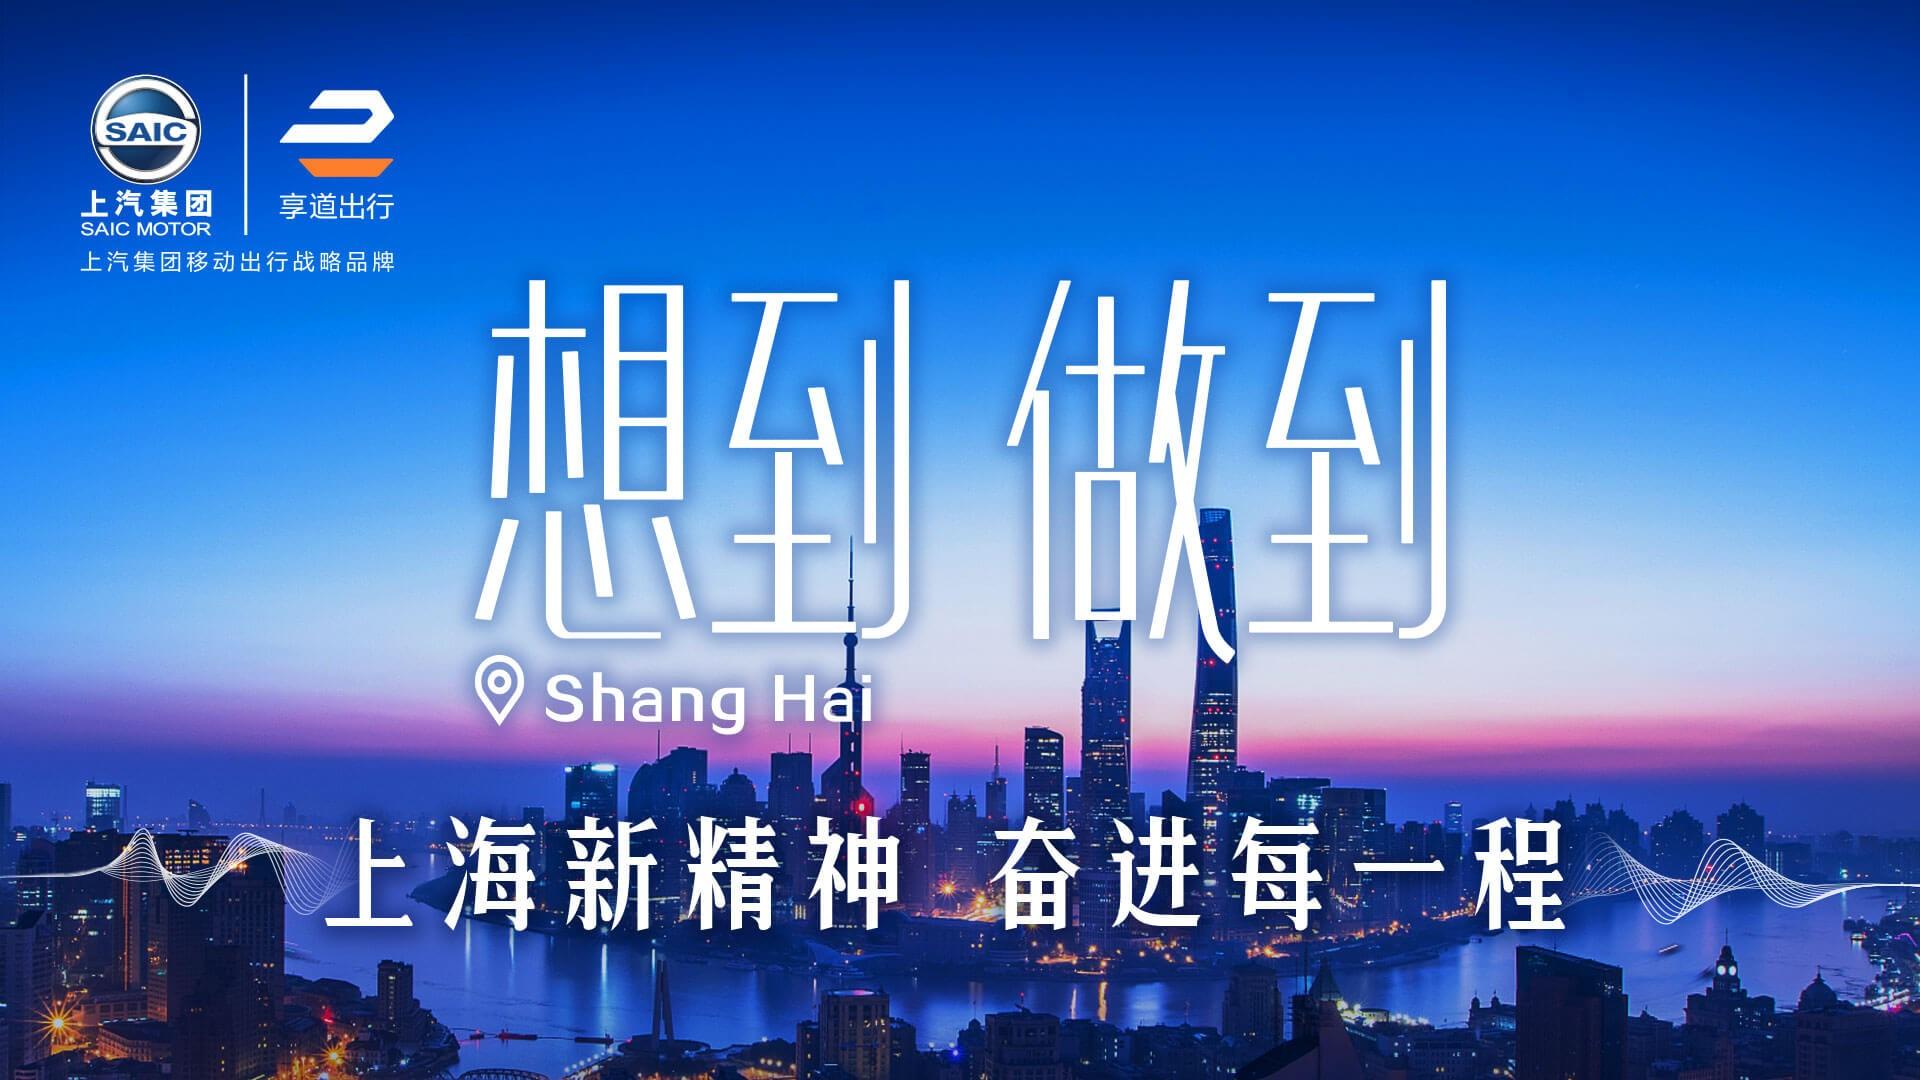 """武磊压轴登场倾情讲述上海追梦故事 """"享道上海声音""""收官在即"""